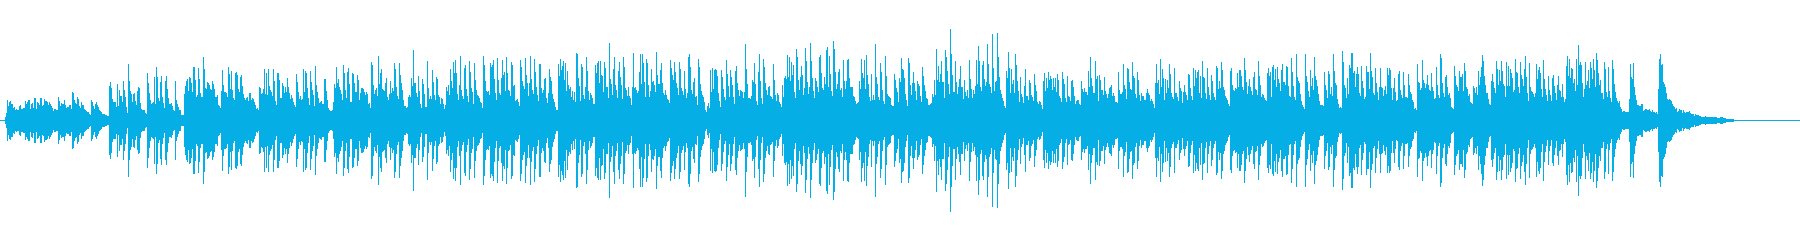 高貴で神道の雰囲気の音楽の再生済みの波形